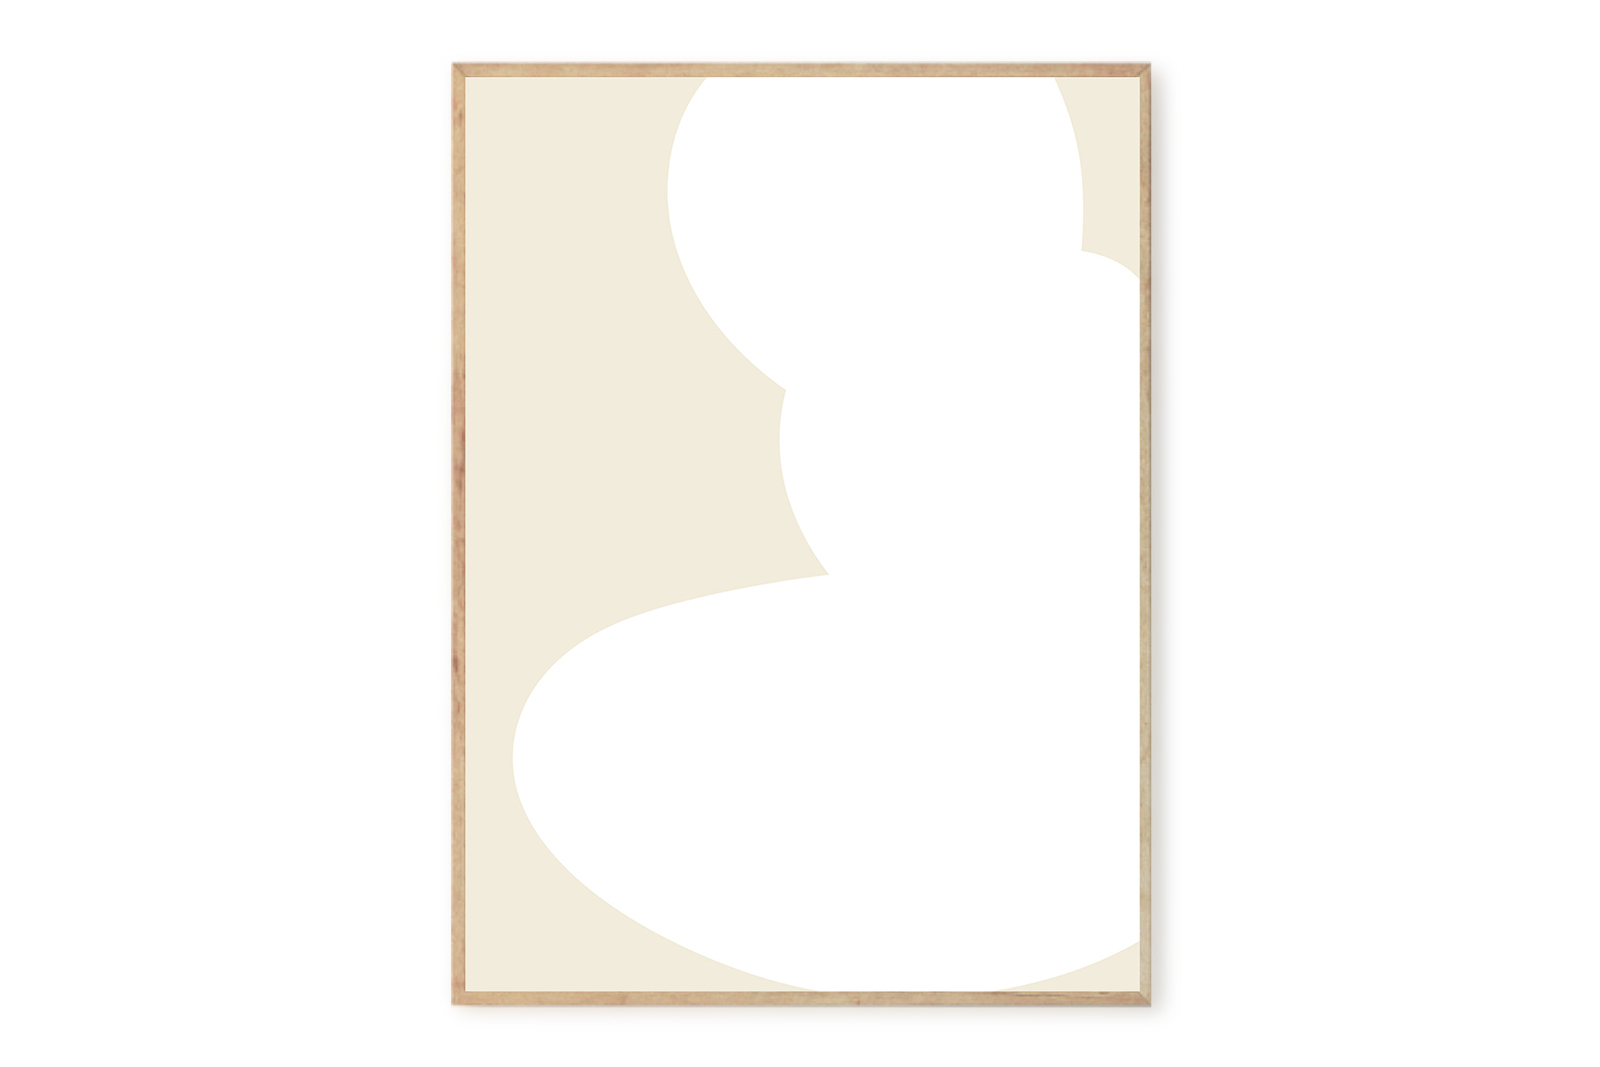 THE POSTER CLUB × SOMEE ポスター/アートプリント 50×70cm Moriri【イラスト インテリア 北欧雑貨 おしゃれ 壁掛け 絵画 パネル モダン モノクロ モノトーン デンマーク コペンハーゲン】